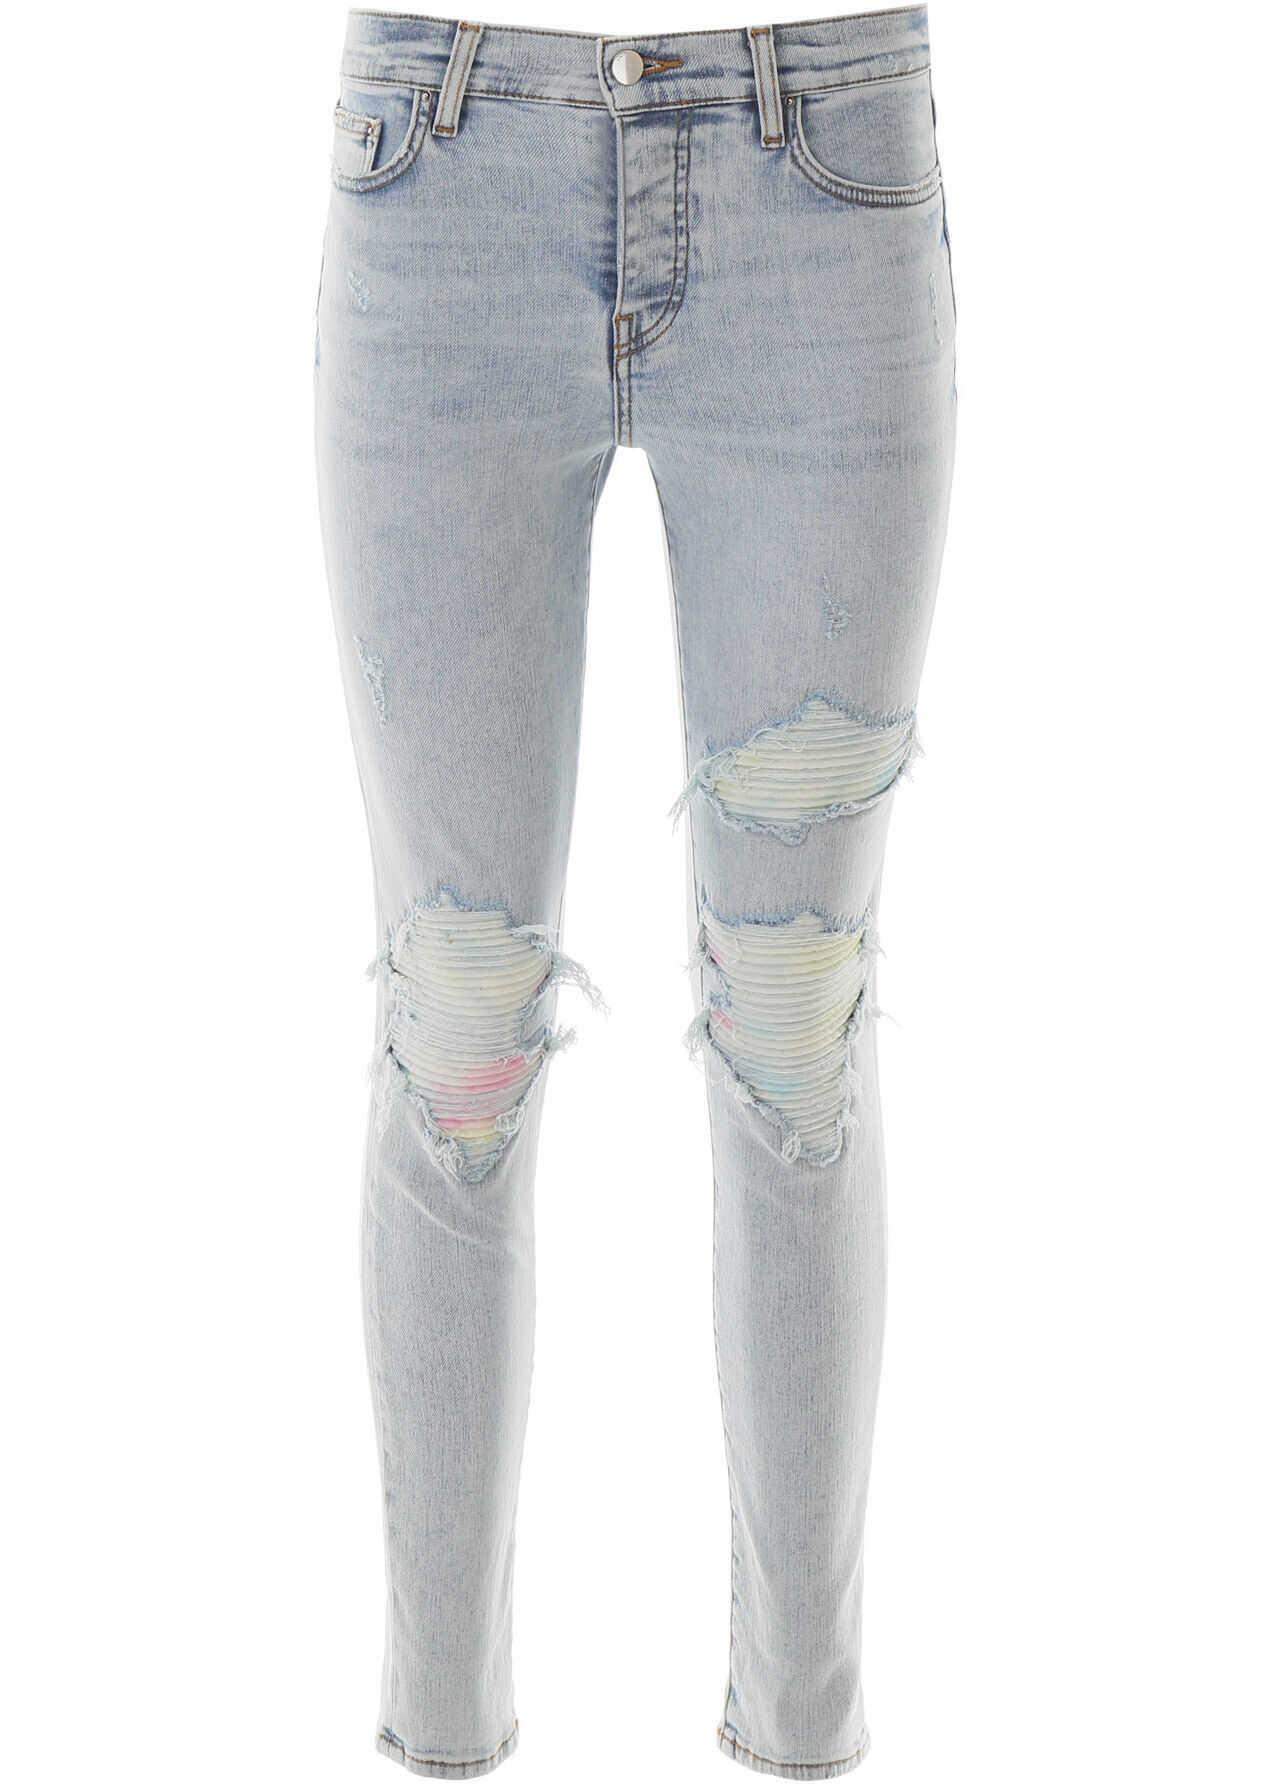 AMIRI Mx1 Tie-Dye Jeans SKY INDIGO